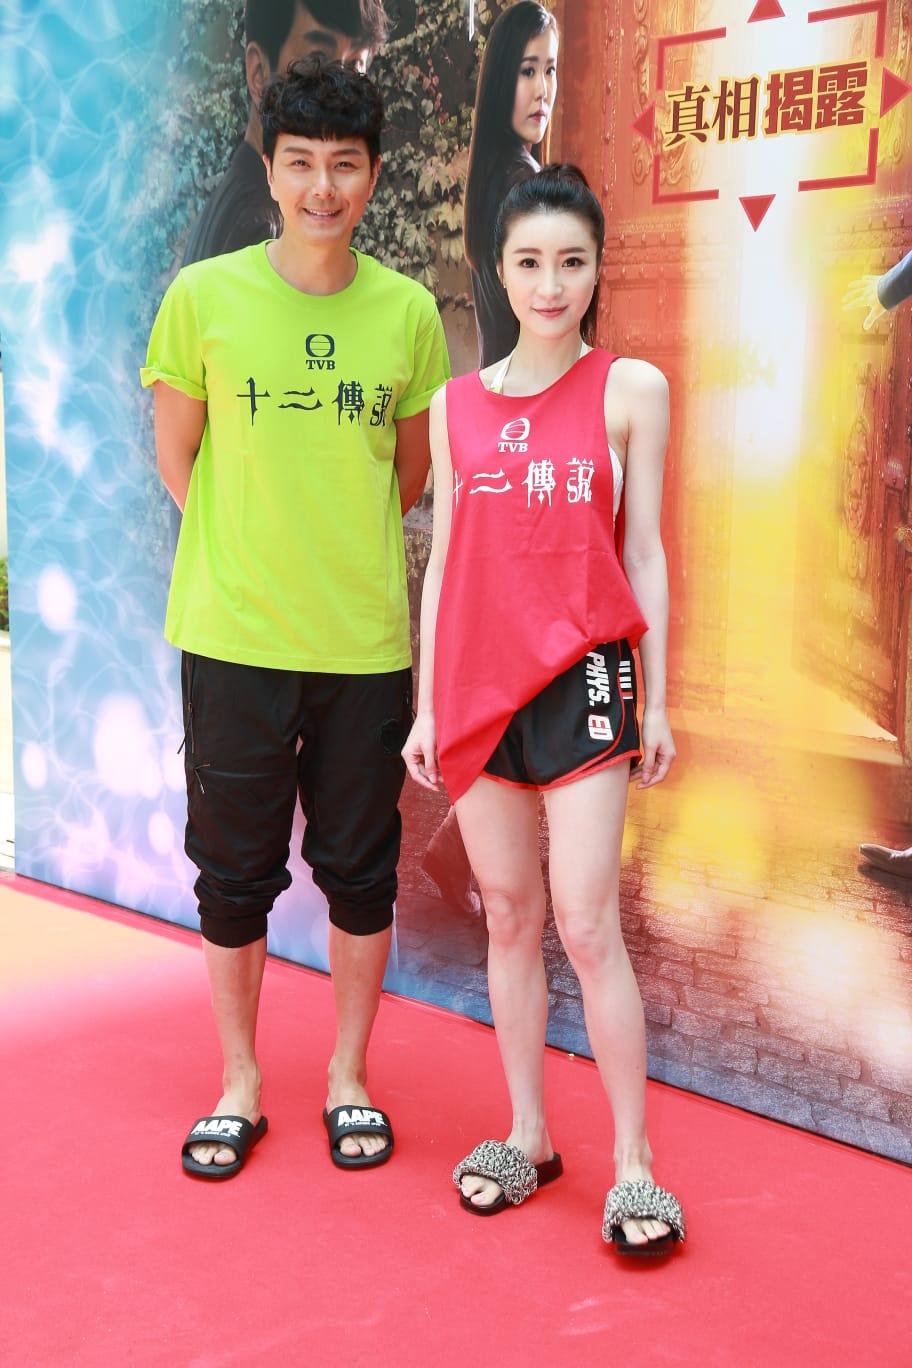 蕭正楠、林夏薇為劇集《十二傳說》宣傳。